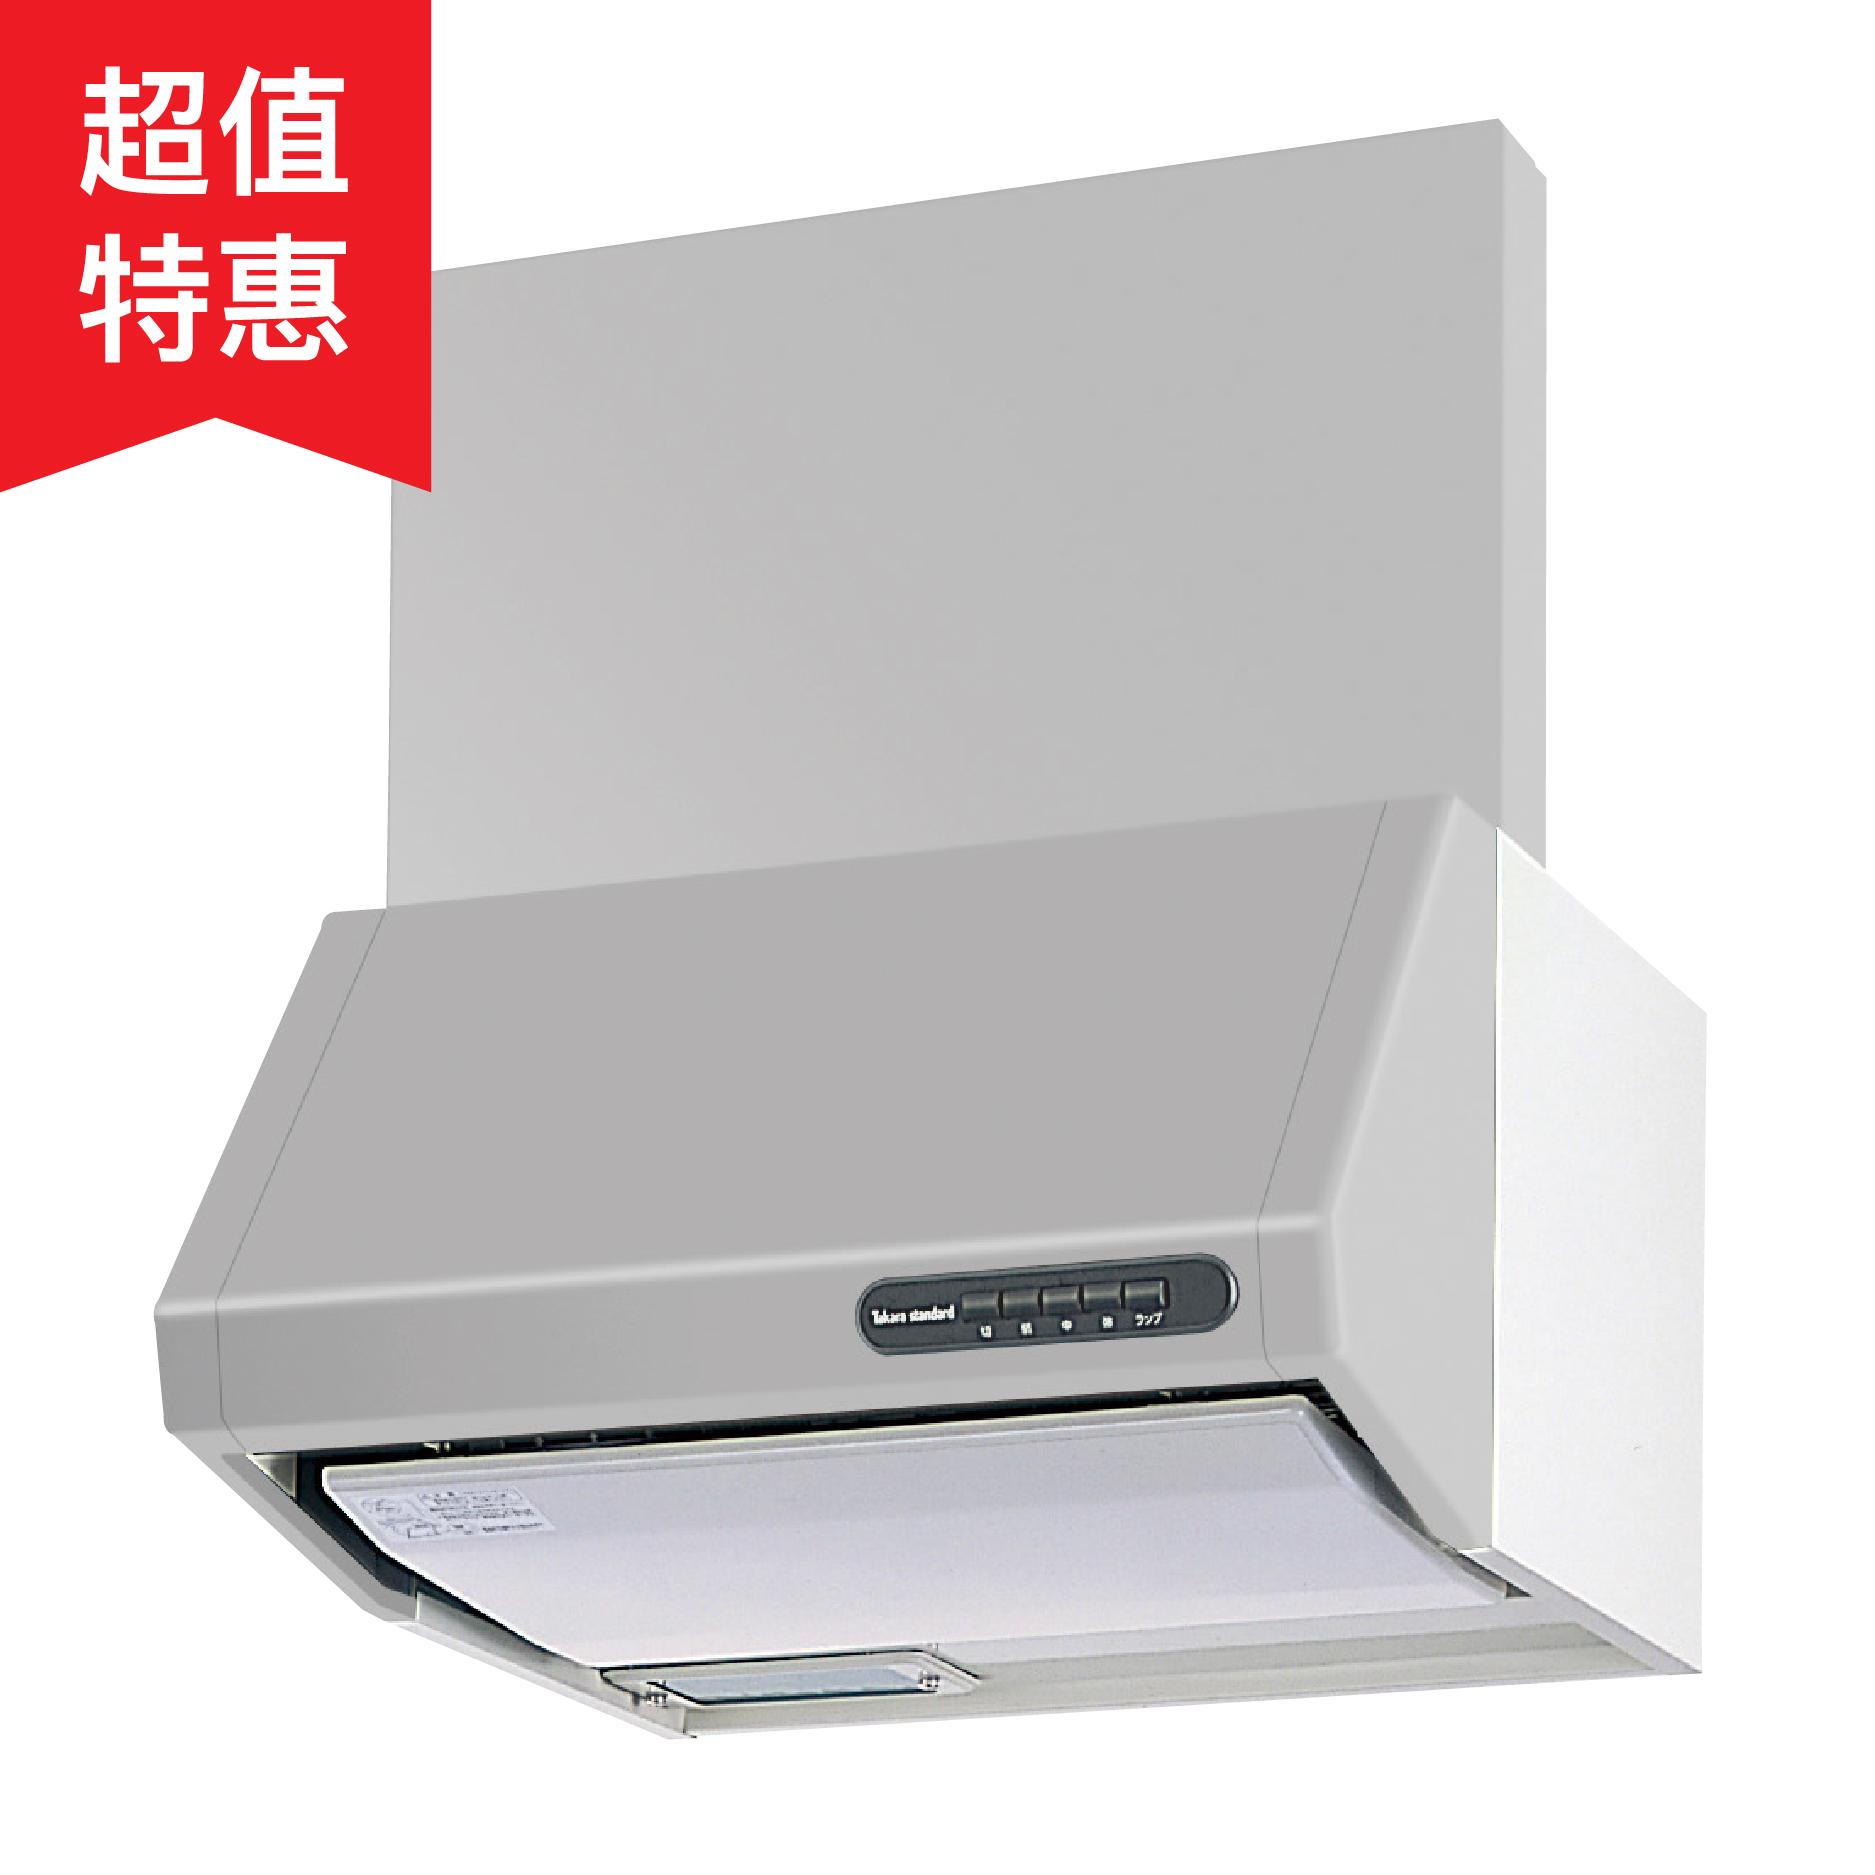 【現貨+預購】日本廚房用家電-Takara Standard 靜音環吸排油煙機【RUS90V】強大吸力,靜音除味,保持居家空氣清新